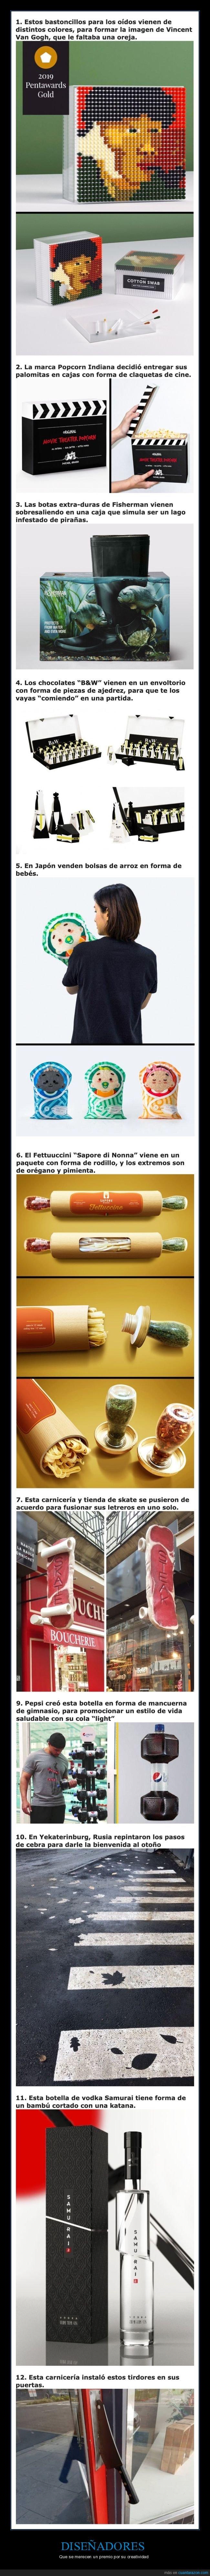 creatividad,diseñadores,ideas,imaginación